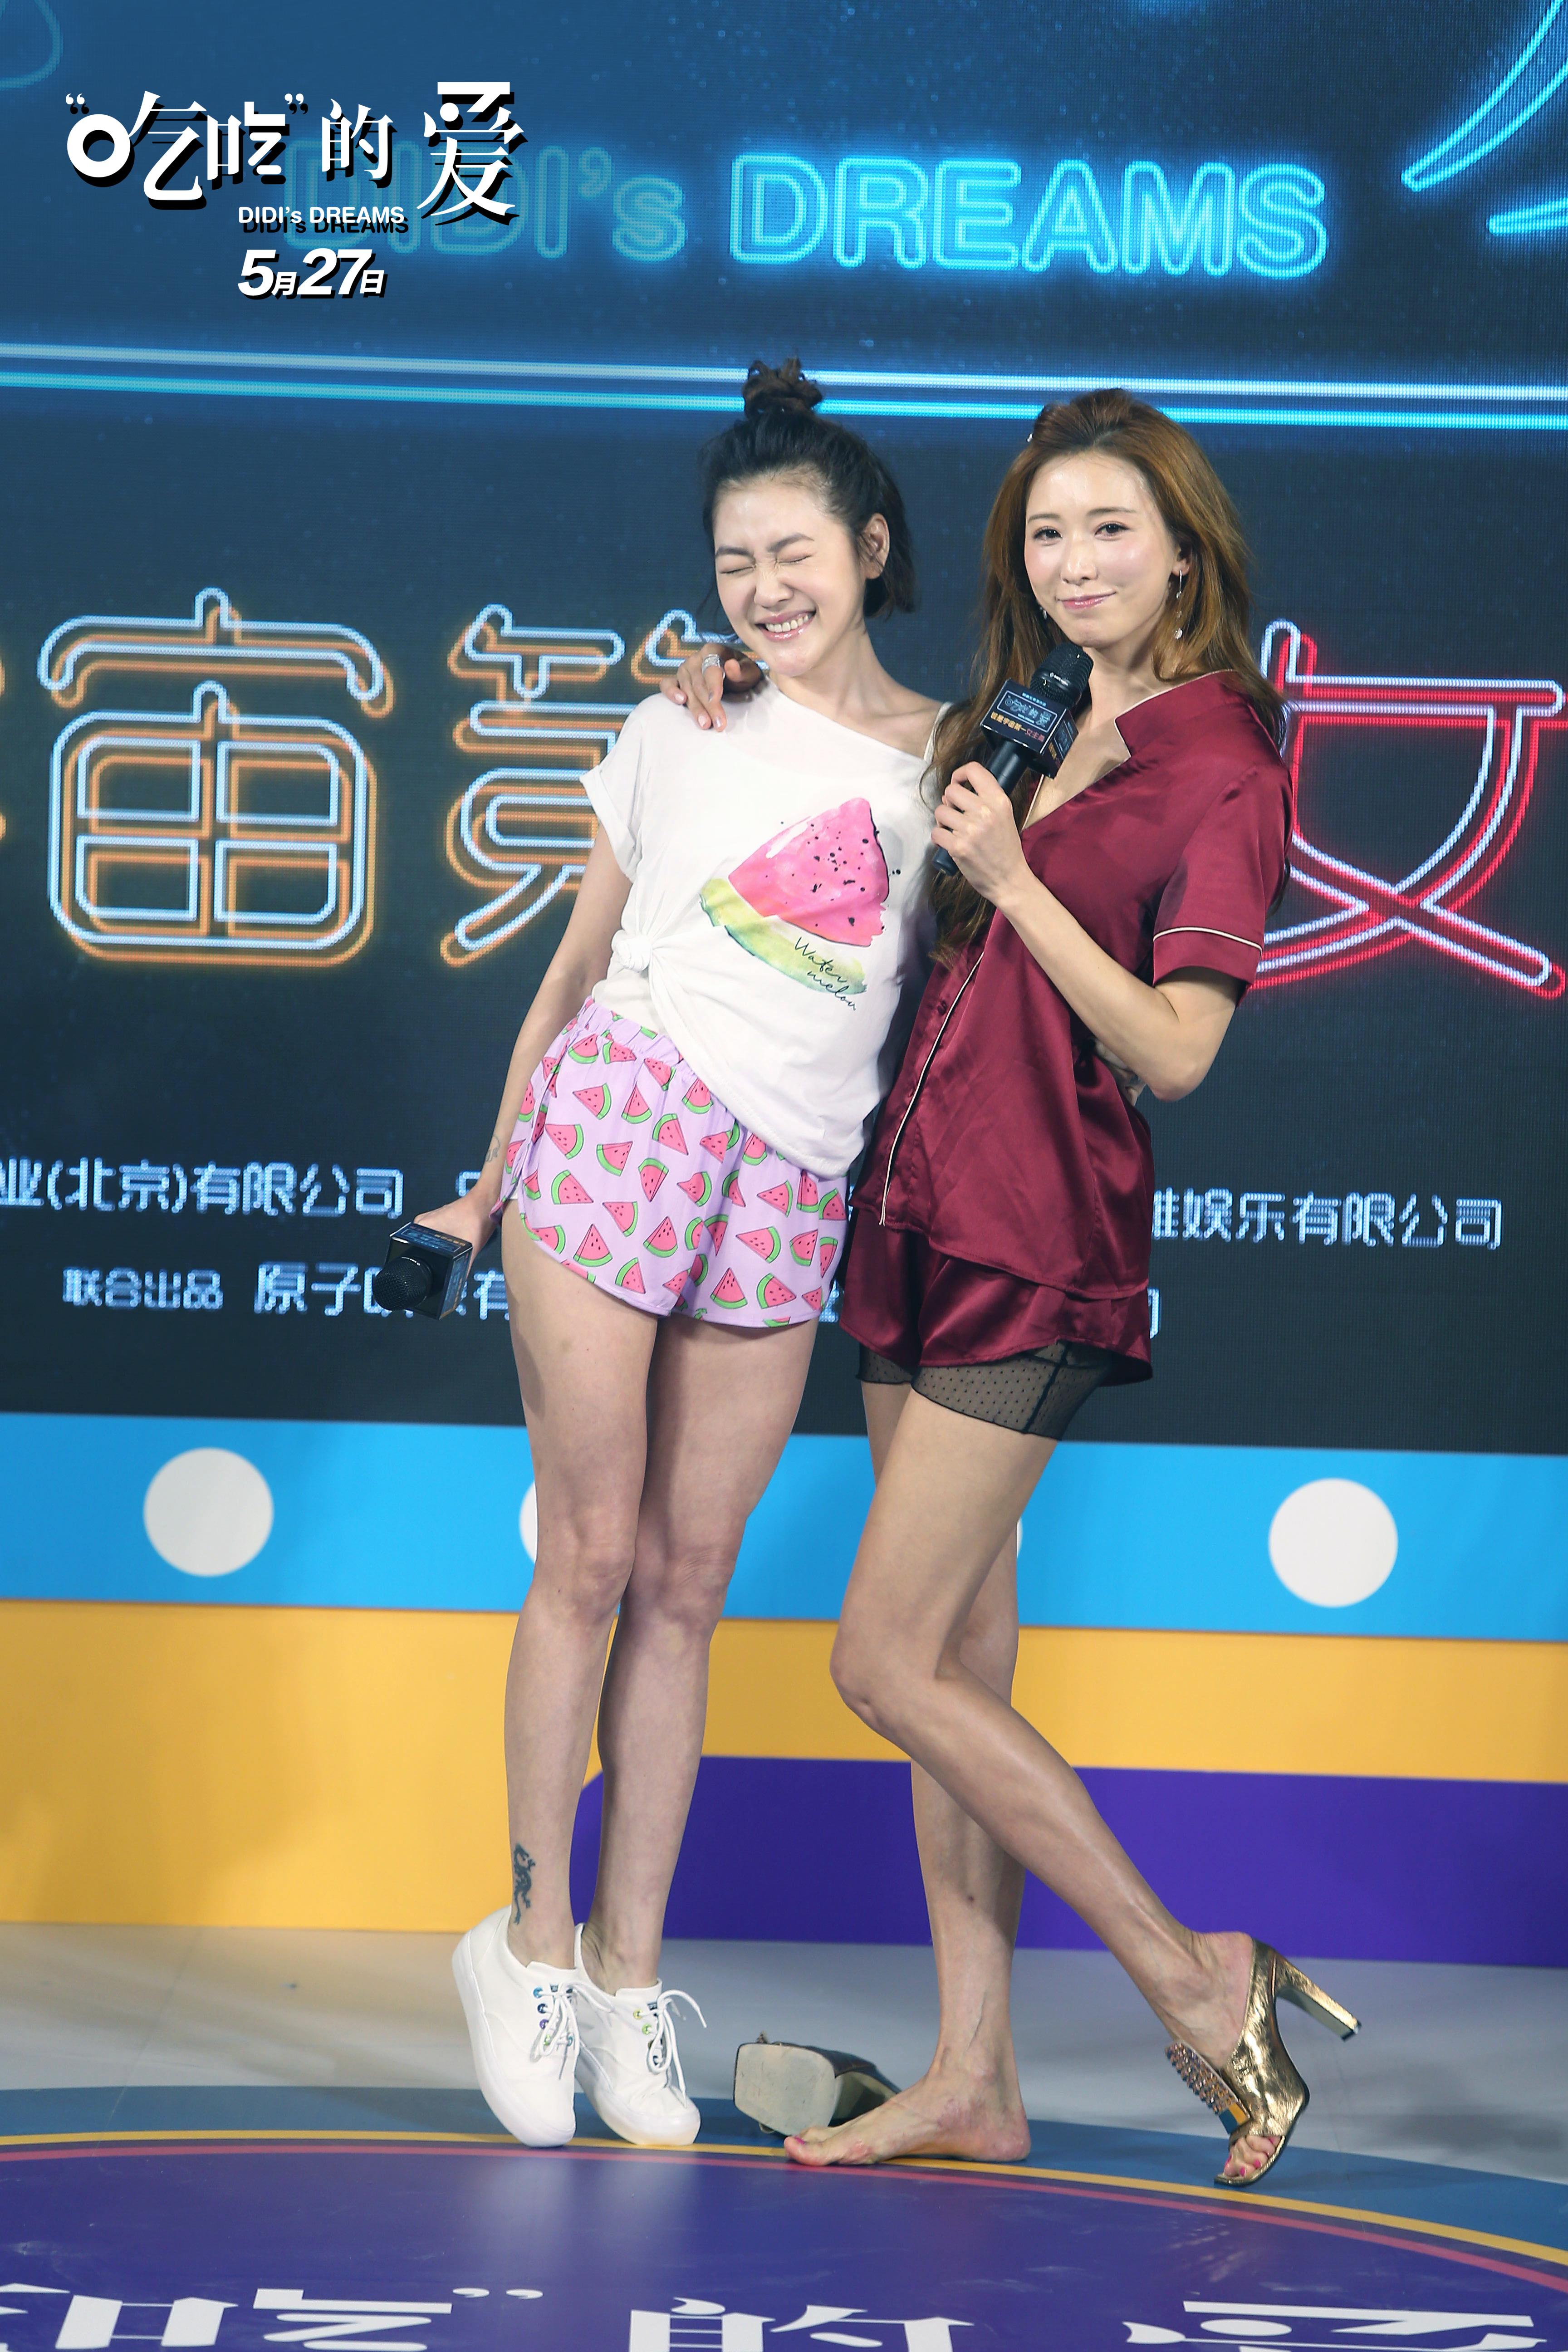 从康熙闹到片场!林志玲在电影《吃吃的爱》大赏小S巴掌复仇成功?